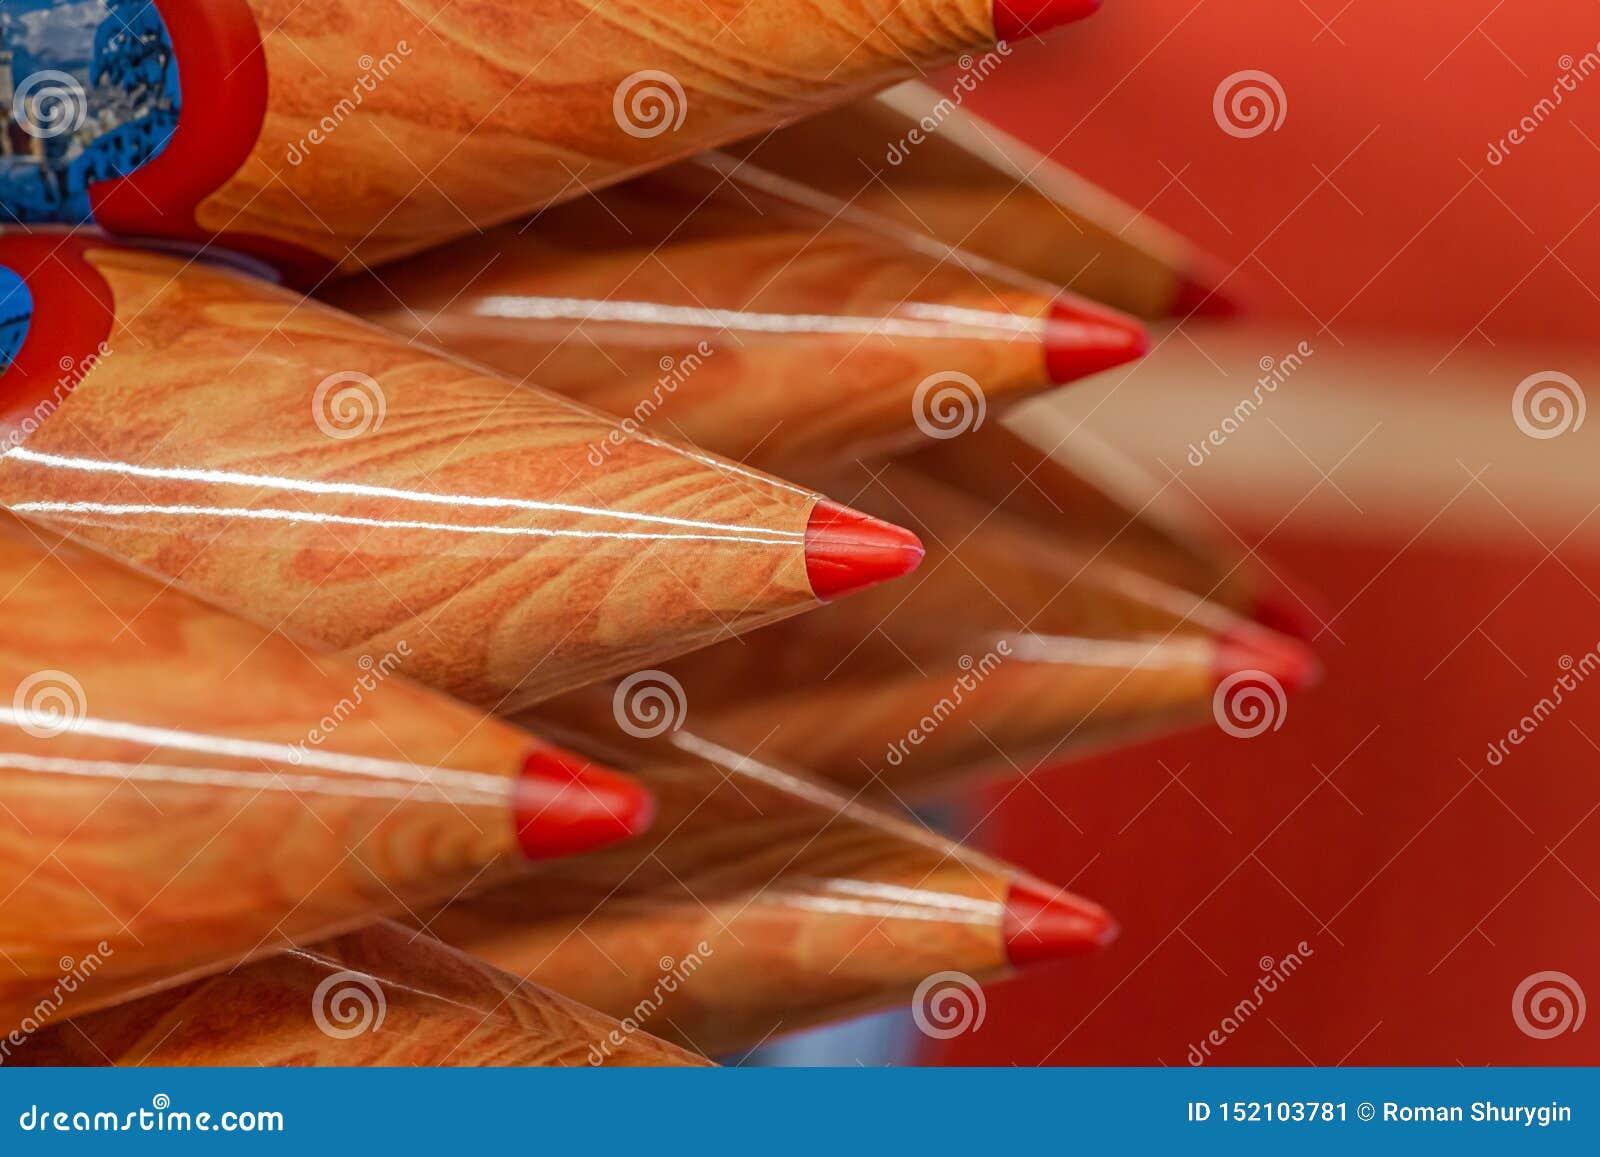 Χρωματισμένα ξύλινα μολύβια, αναμνηστικό